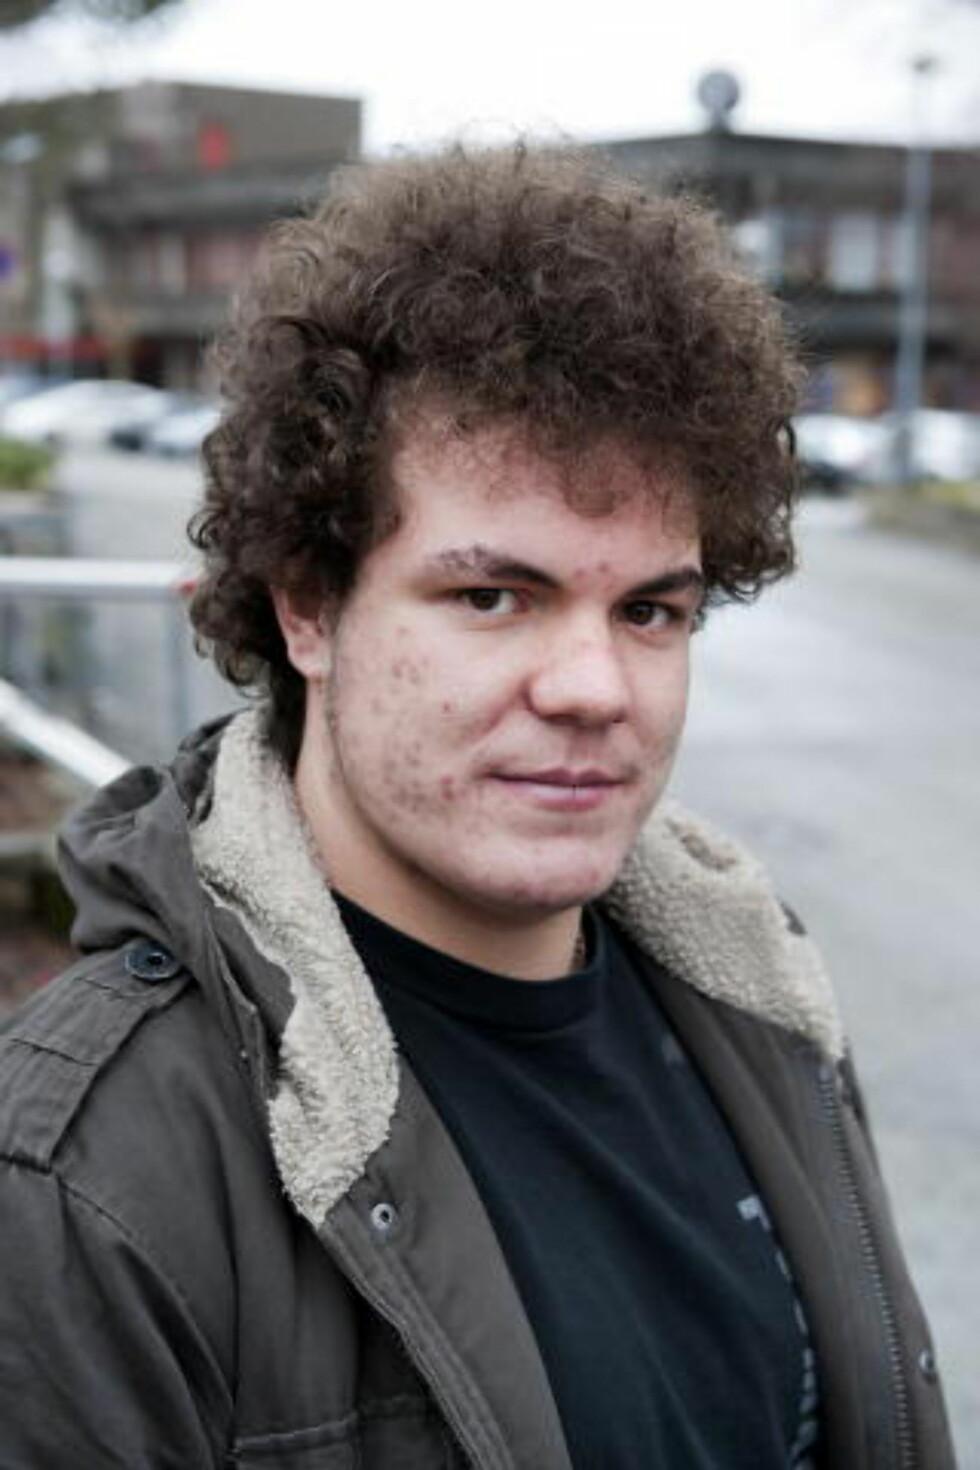 VENN AV SIKTEDE: Ronny Svendsen (19) er venn av den drapssiktede 18-åringen. Foto: Tor Erik H. Mathiesen